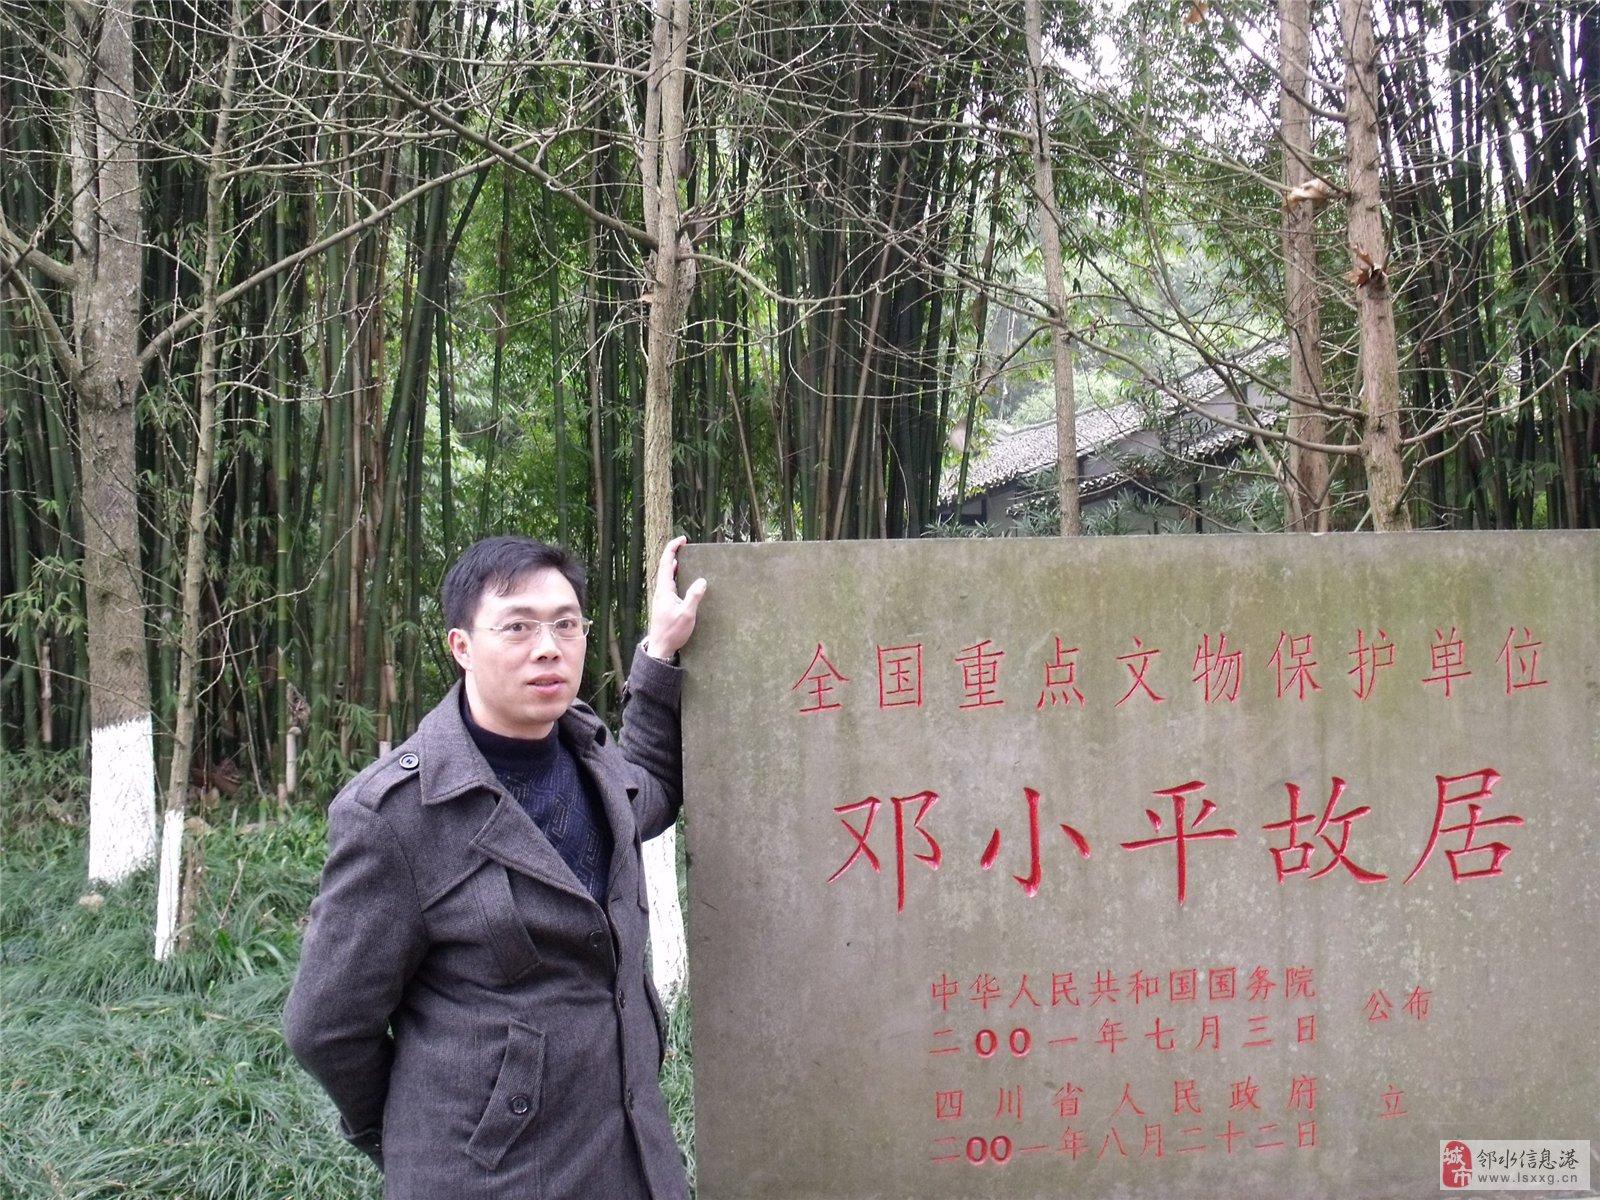 刘斌男青年素描头像高清 四分之三